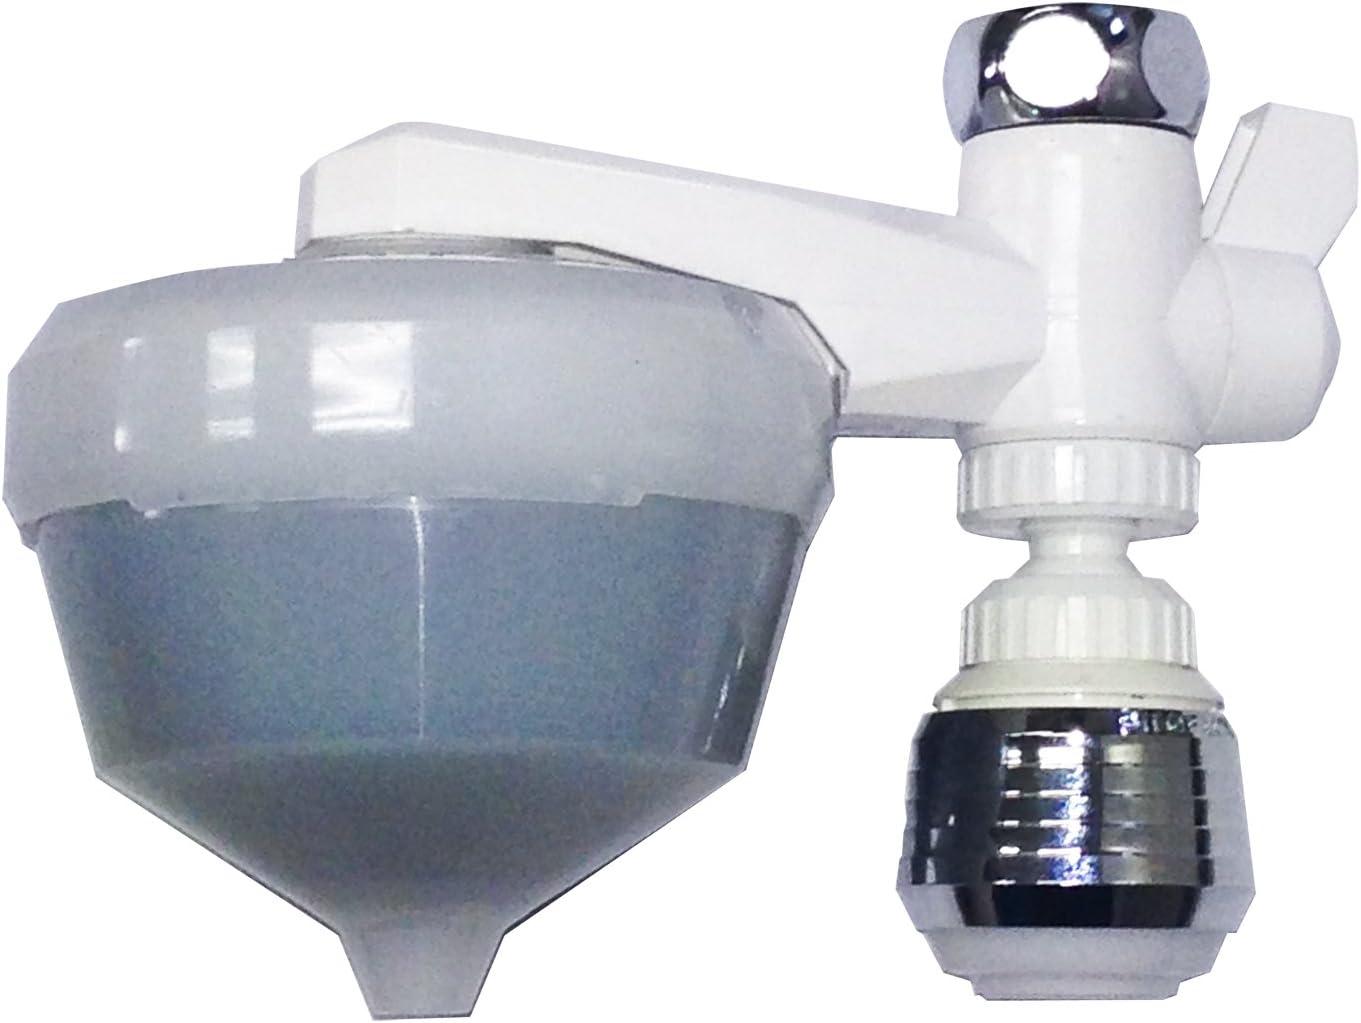 Siroflex 004.000.23 - Purificador de agua Uni3-A: Amazon.es: Bricolaje y herramientas